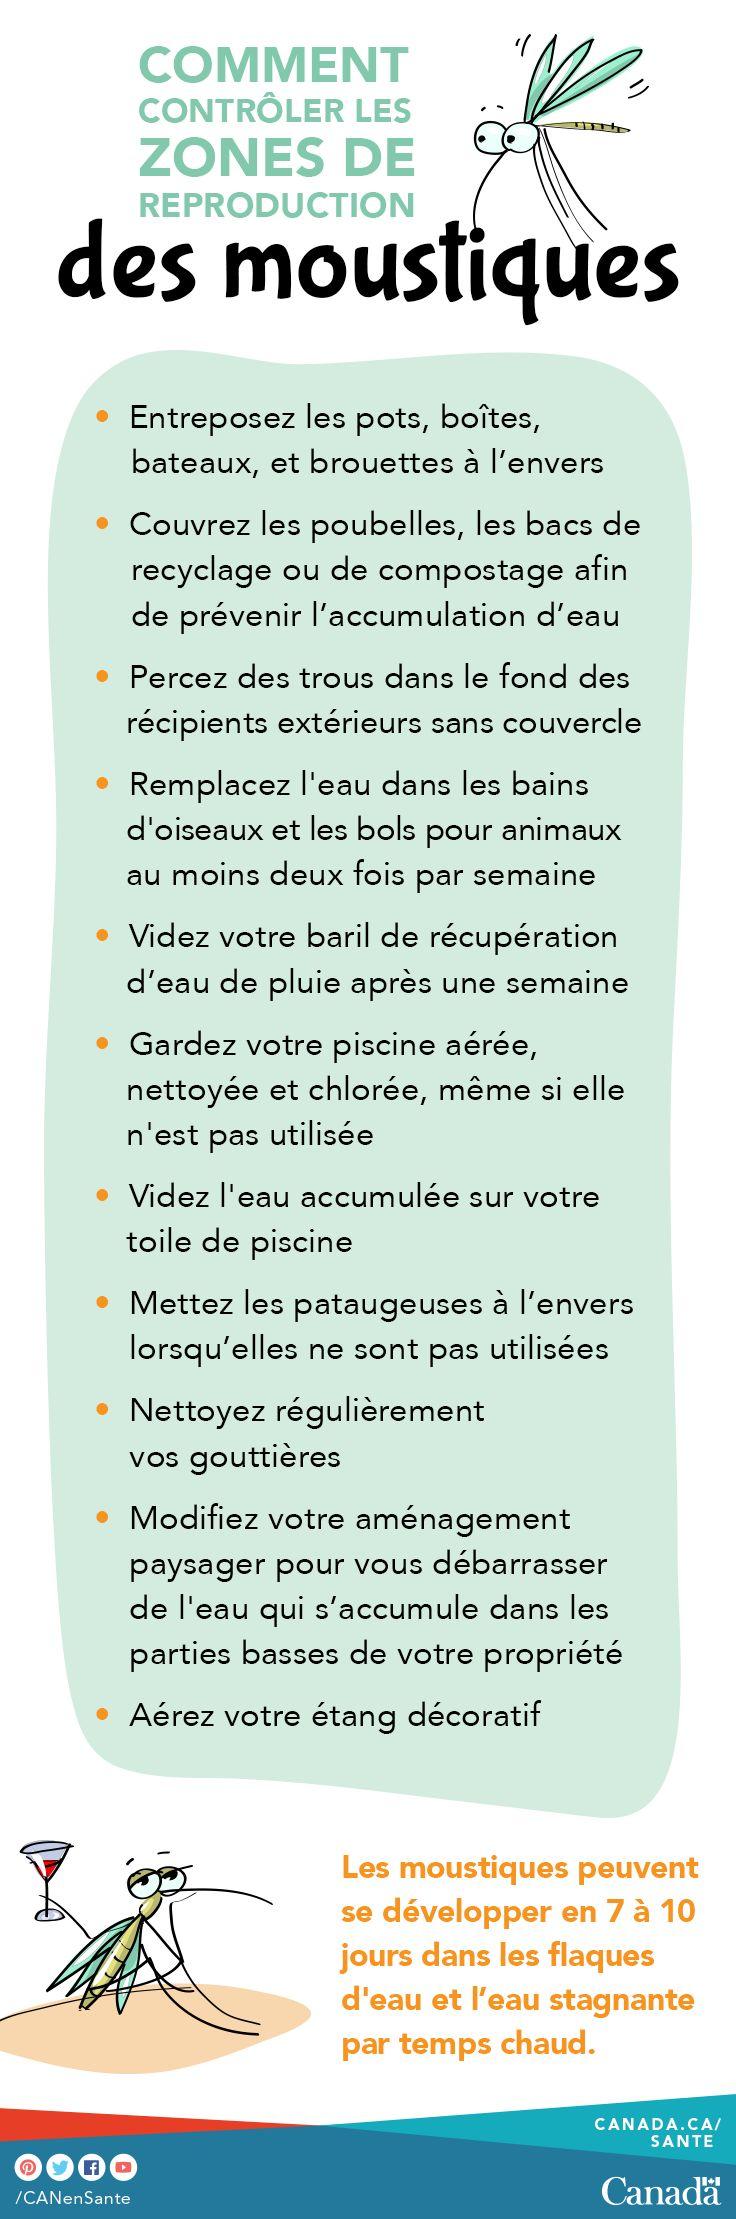 Contrôlez les sites de reproduction des moustiques autour de votre maison et protégez votre famille contre les maladies comme le virus du Nil occidental avec ces conseils.   http://canadiensensante.gc.ca/product-safety-securite-produits/pest-control-products-produits-antiparasitaires/pesticides/tips-conseils/mosquitos-moustiques-fra.php?utm_source=pinterest_hcdns&utm_medium=social_fr&utm_content=apr25_mosquito6&utm_campaign=social_media_16